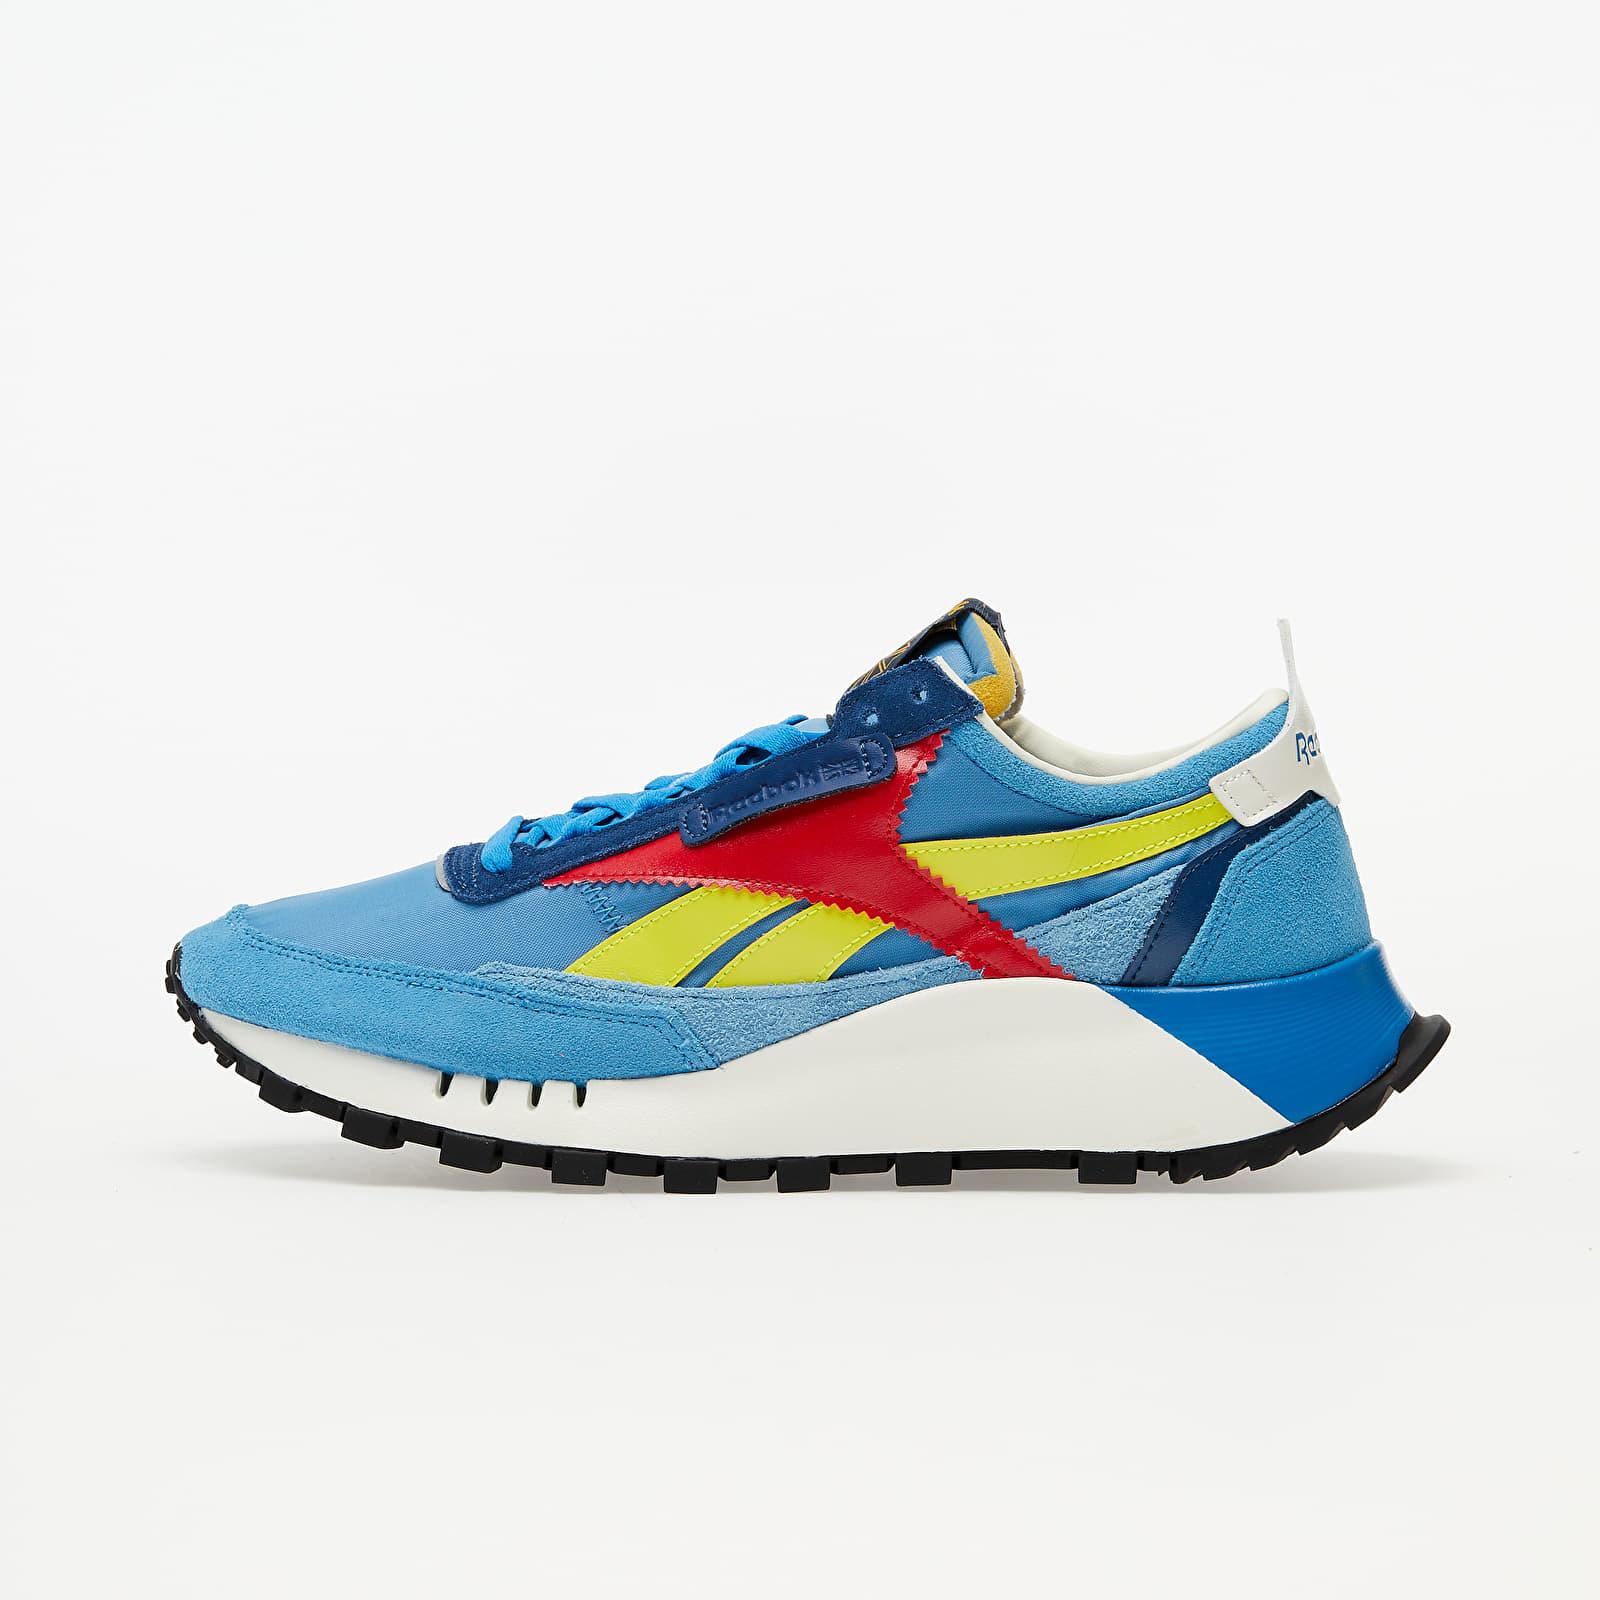 Men's shoes Reebok Classic Legacy Special Blue/ Bat Blue/ Up Blue